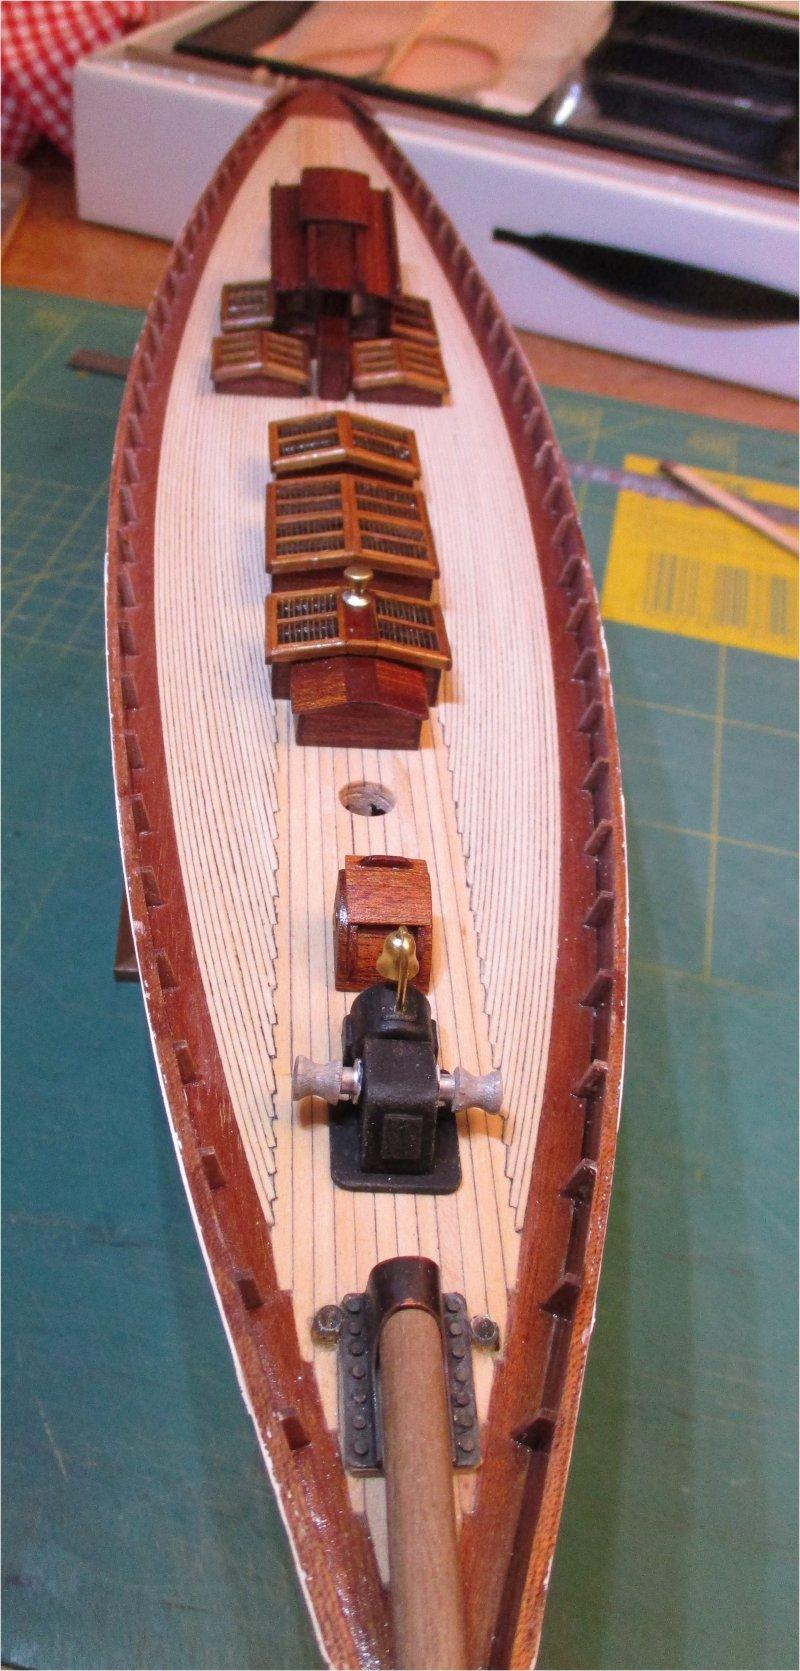 Altaïr - Yacht anglais de 1931 - 1/67e - Constructo - Page 3 Altazc87